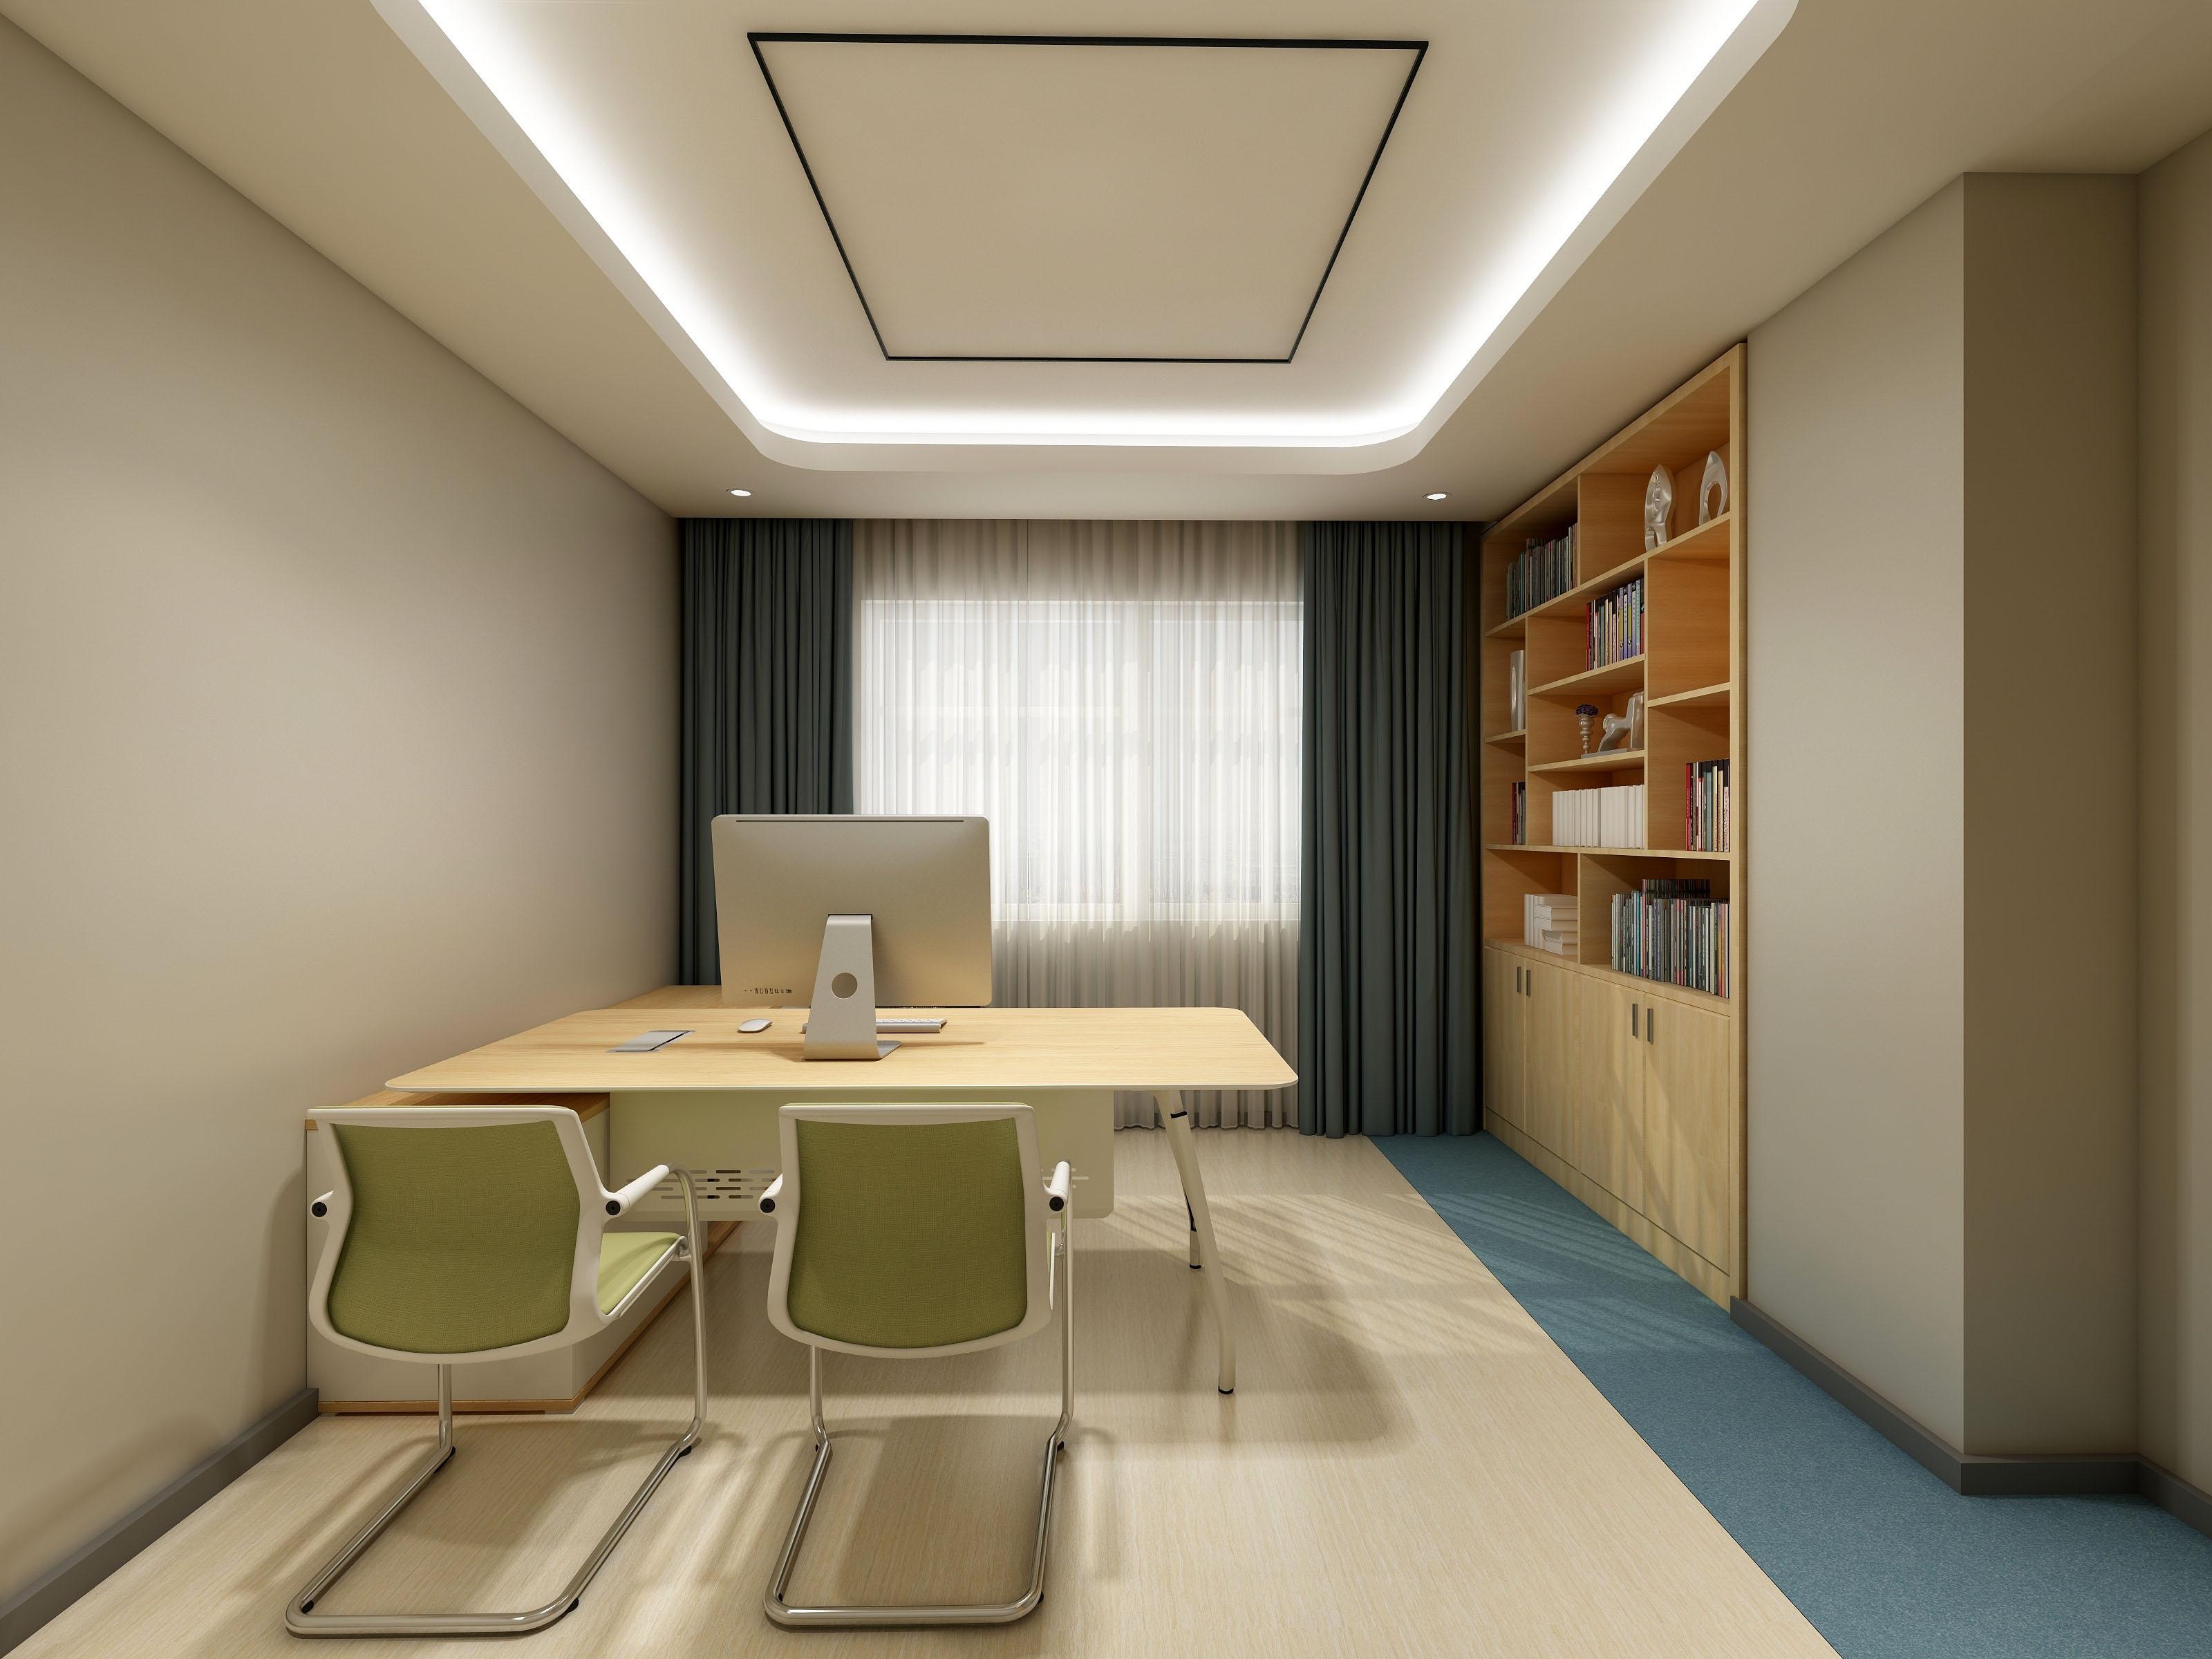 诊所办公室设计